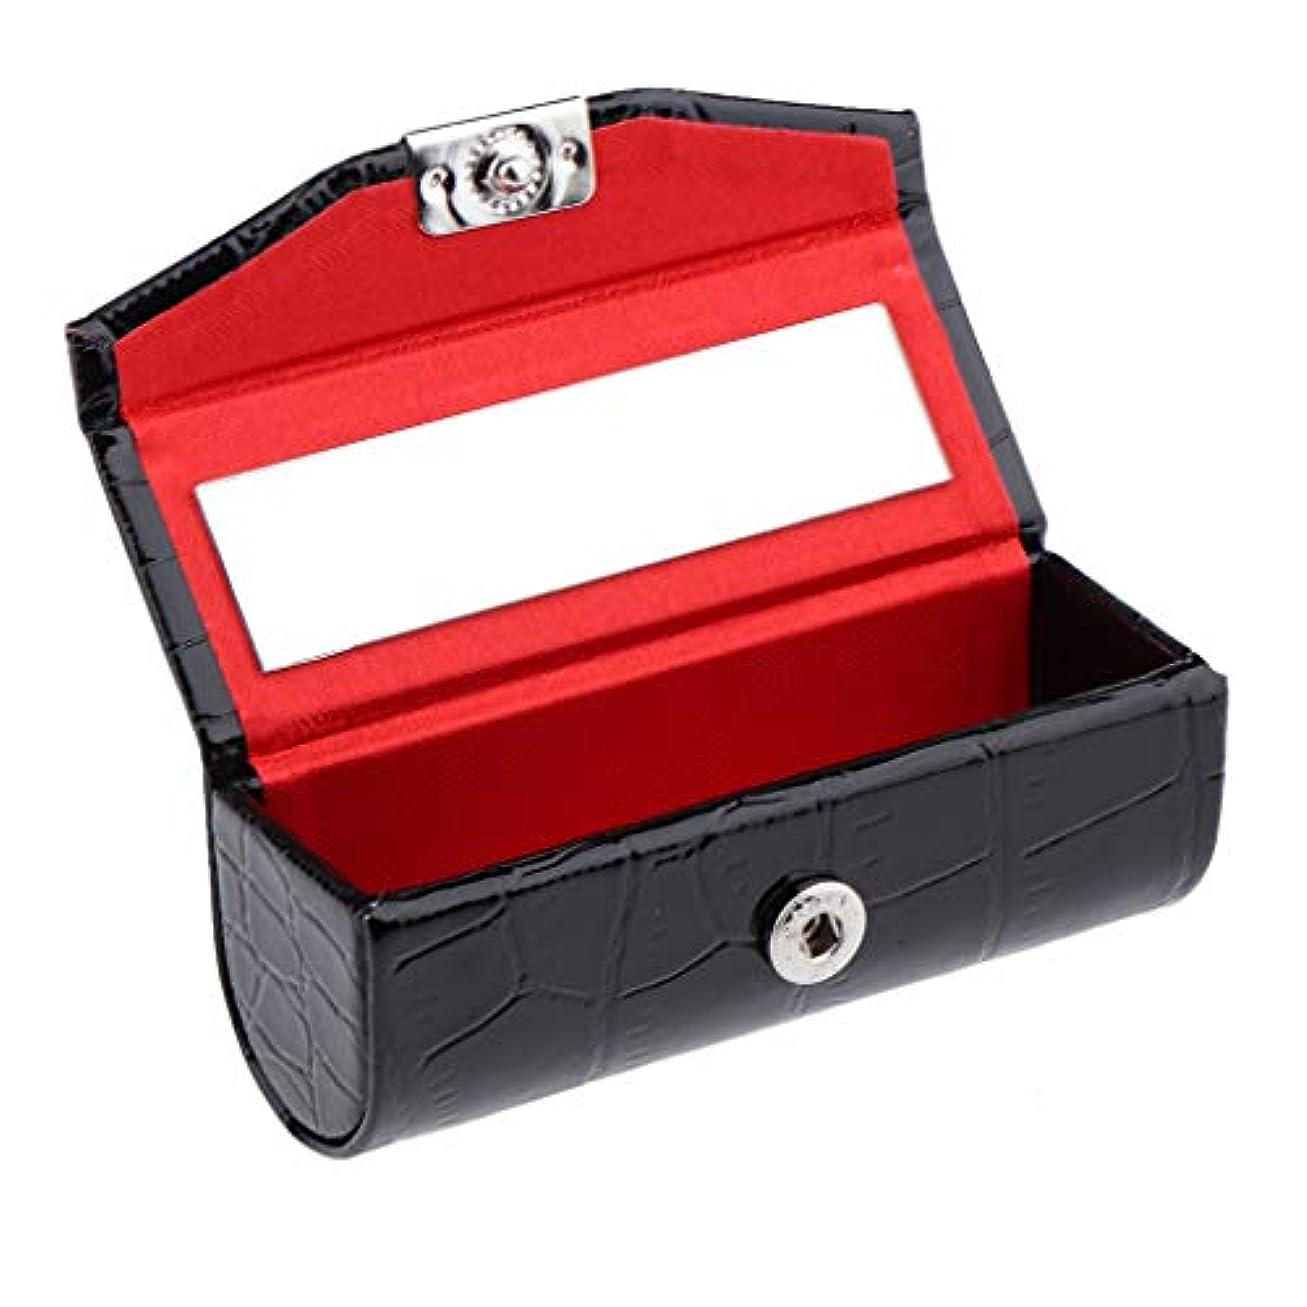 ビール行為太平洋諸島IPOTCH レザー リップスティックケース 口紅ホルダー ミラー 収納ボックス 多色選べ - ブラック